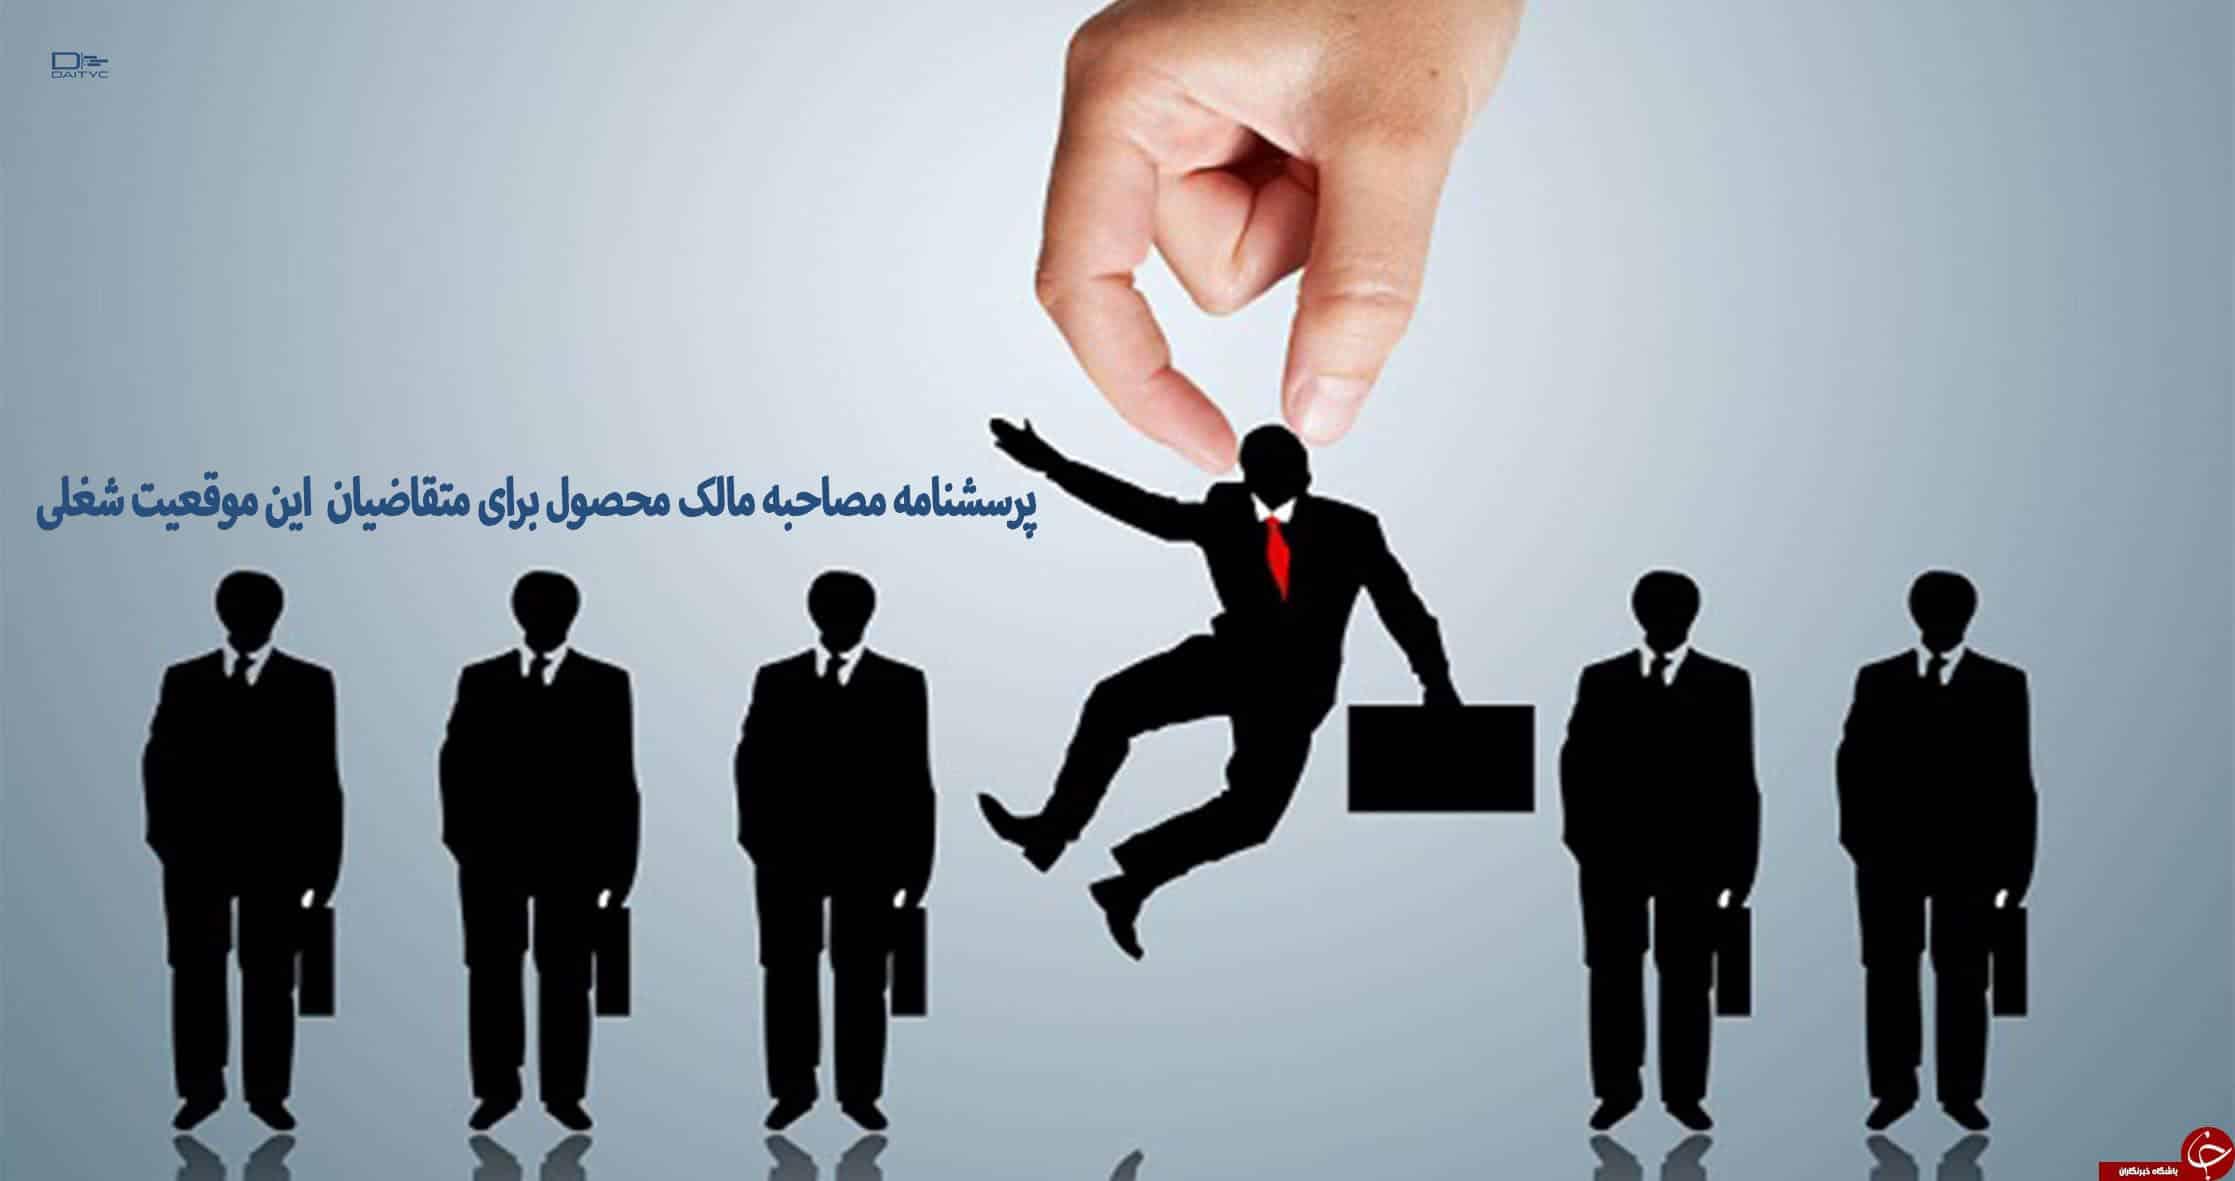 پرسشنامه مصاحبه مالک محصول برای متقاضیان این موقعیت شغلی